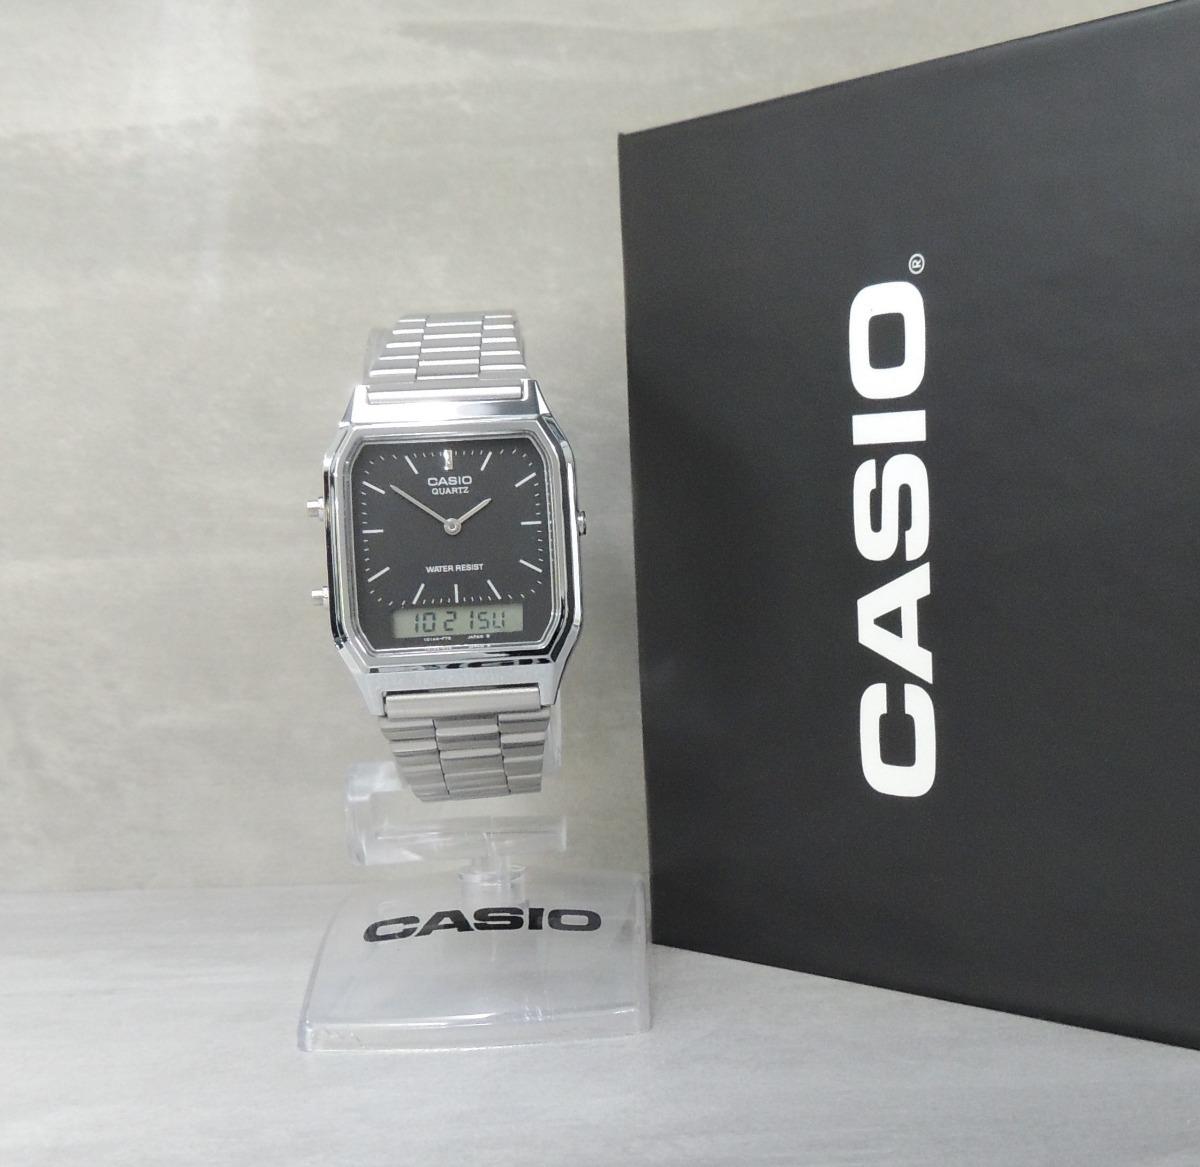 5e8dfbb4a9e Relógio Casio Vintage Unissex - Mod Aq-230a-1dmq Nf garantia - R ...